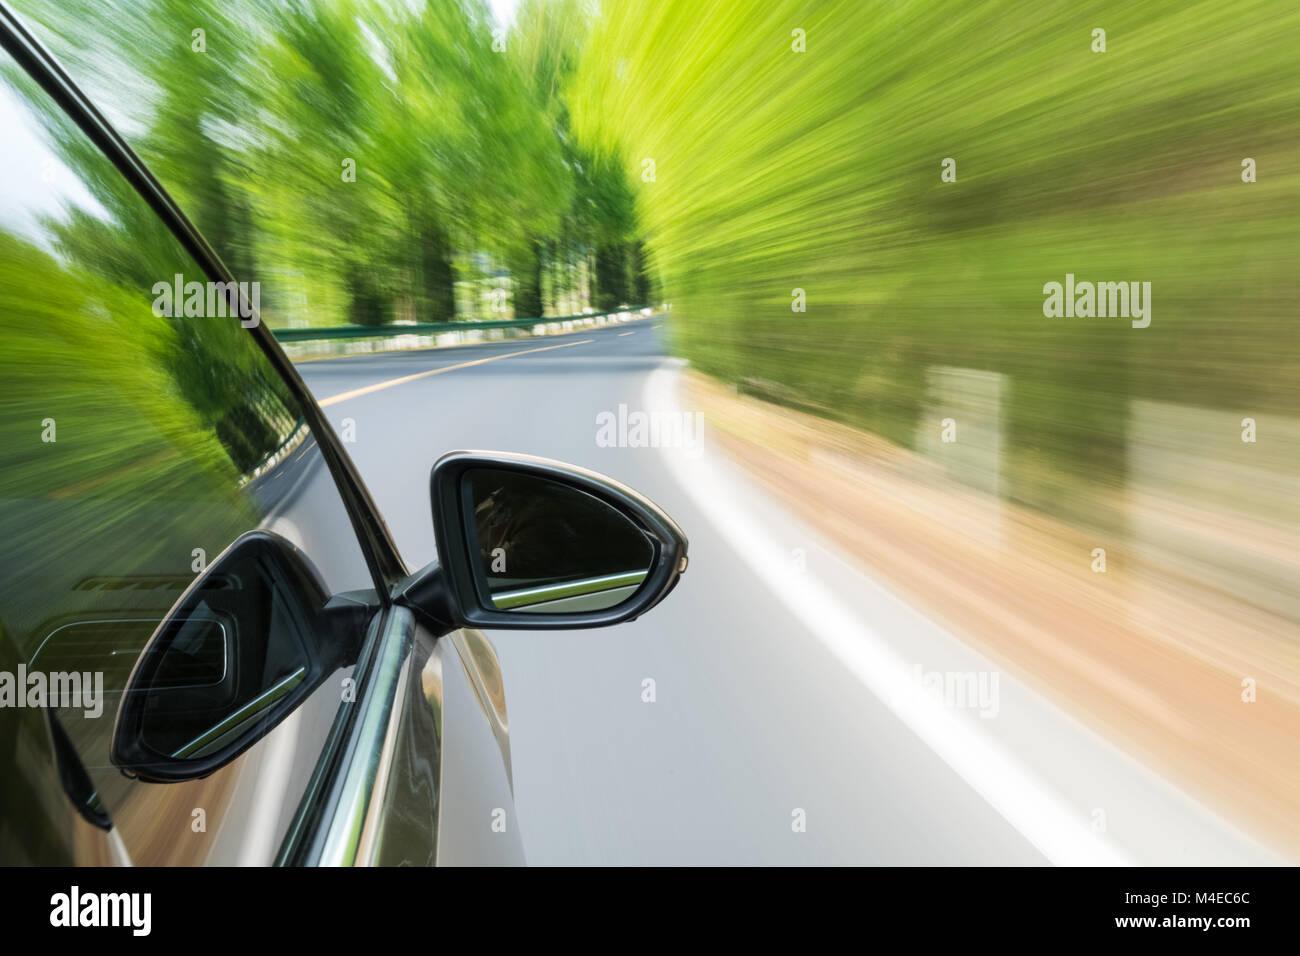 Auto fahren mit grünen Bewegungsunschärfe Stockbild